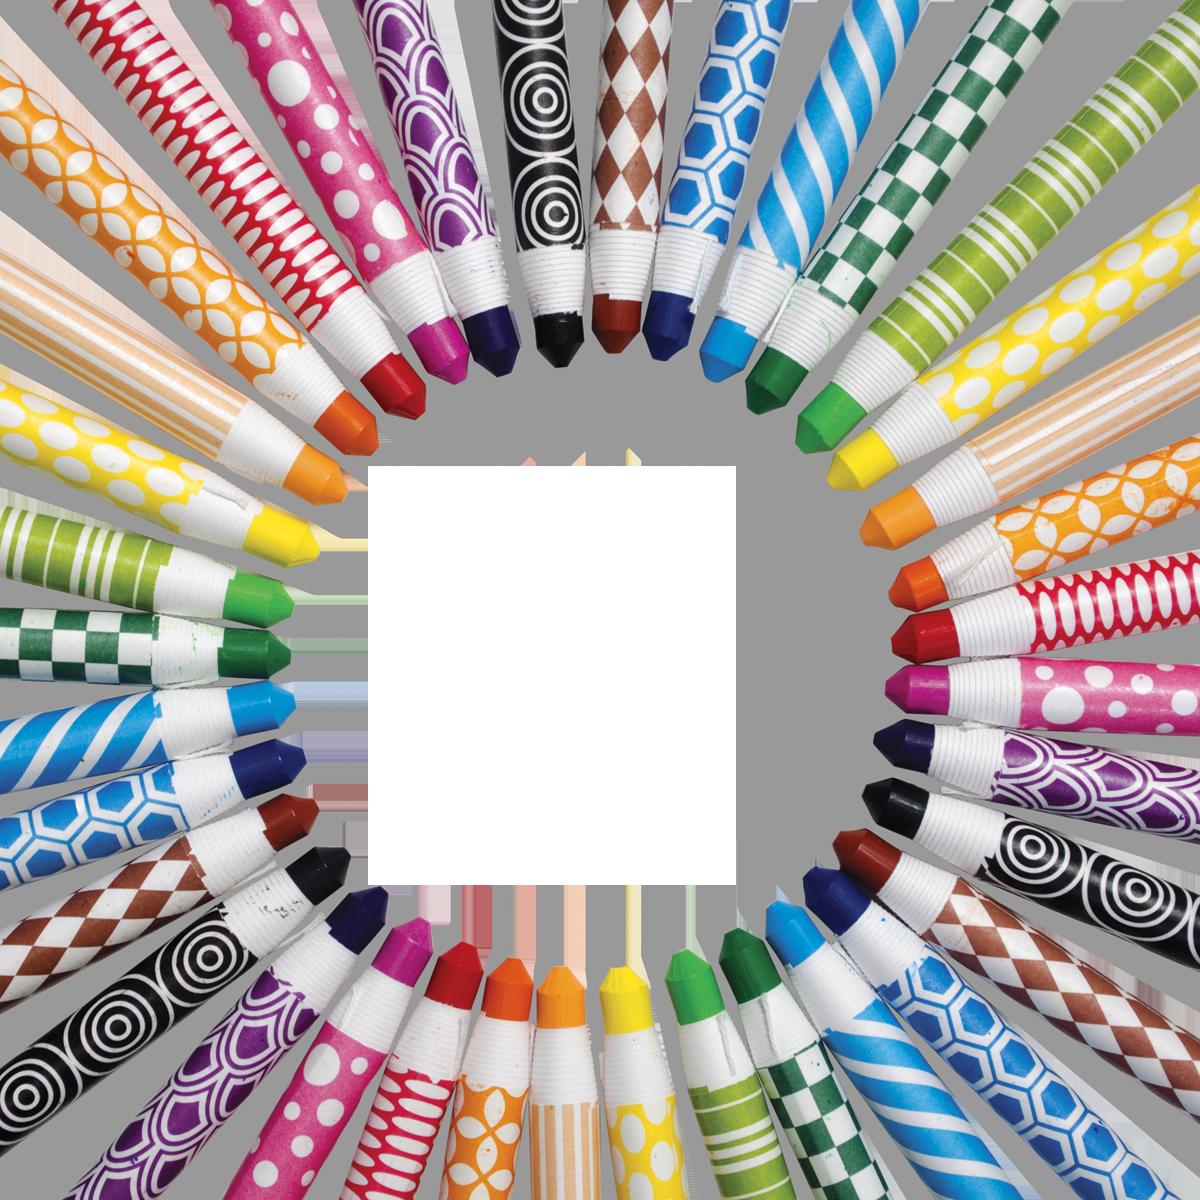 aa7a00750eee0c1d951814dbf48aacb0 » Gel Wax Crayons